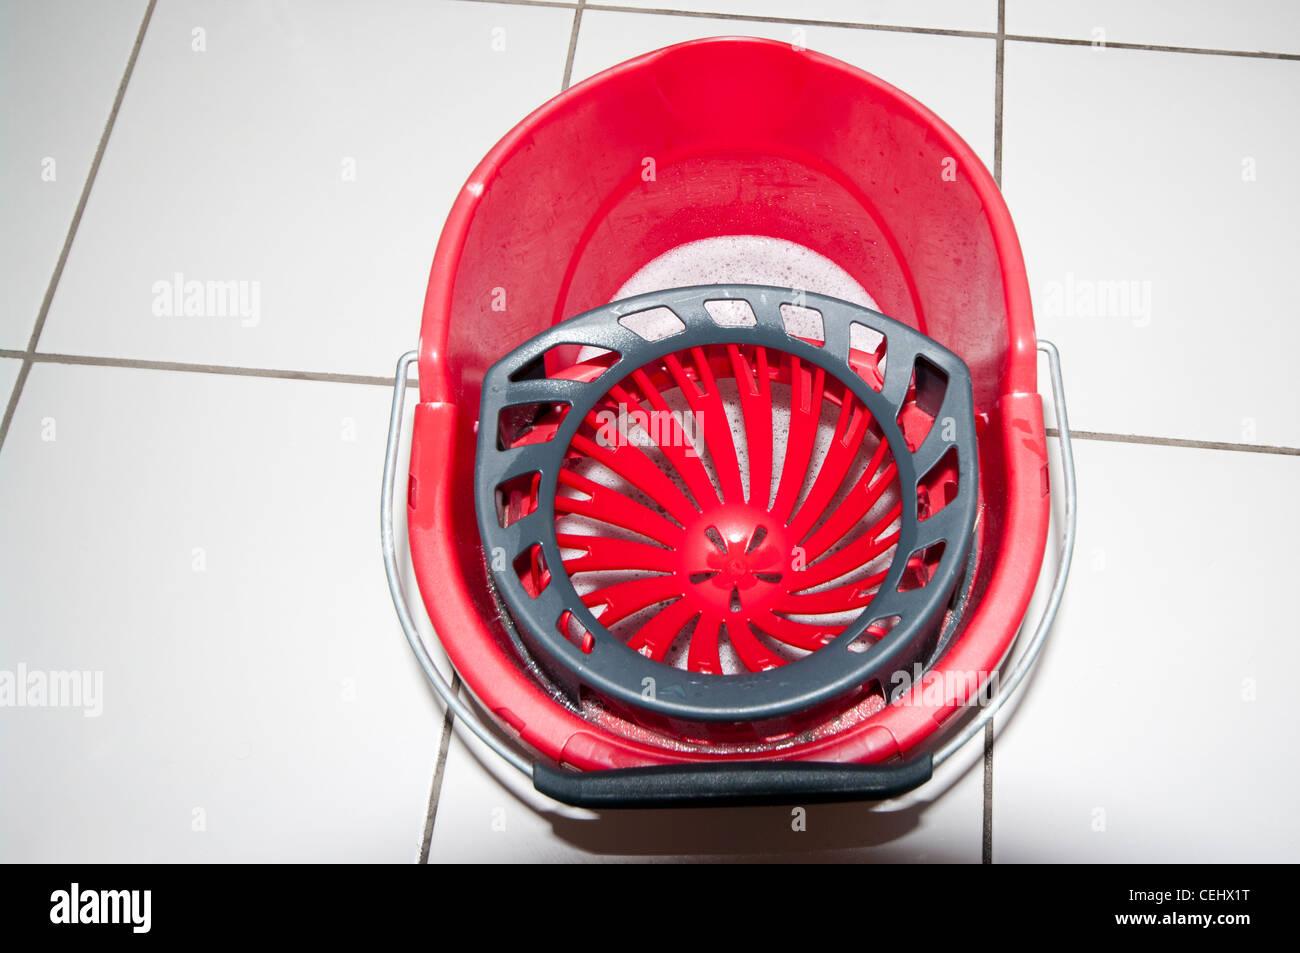 Red Plastic kitchen floor mop bucket top view - Stock Image